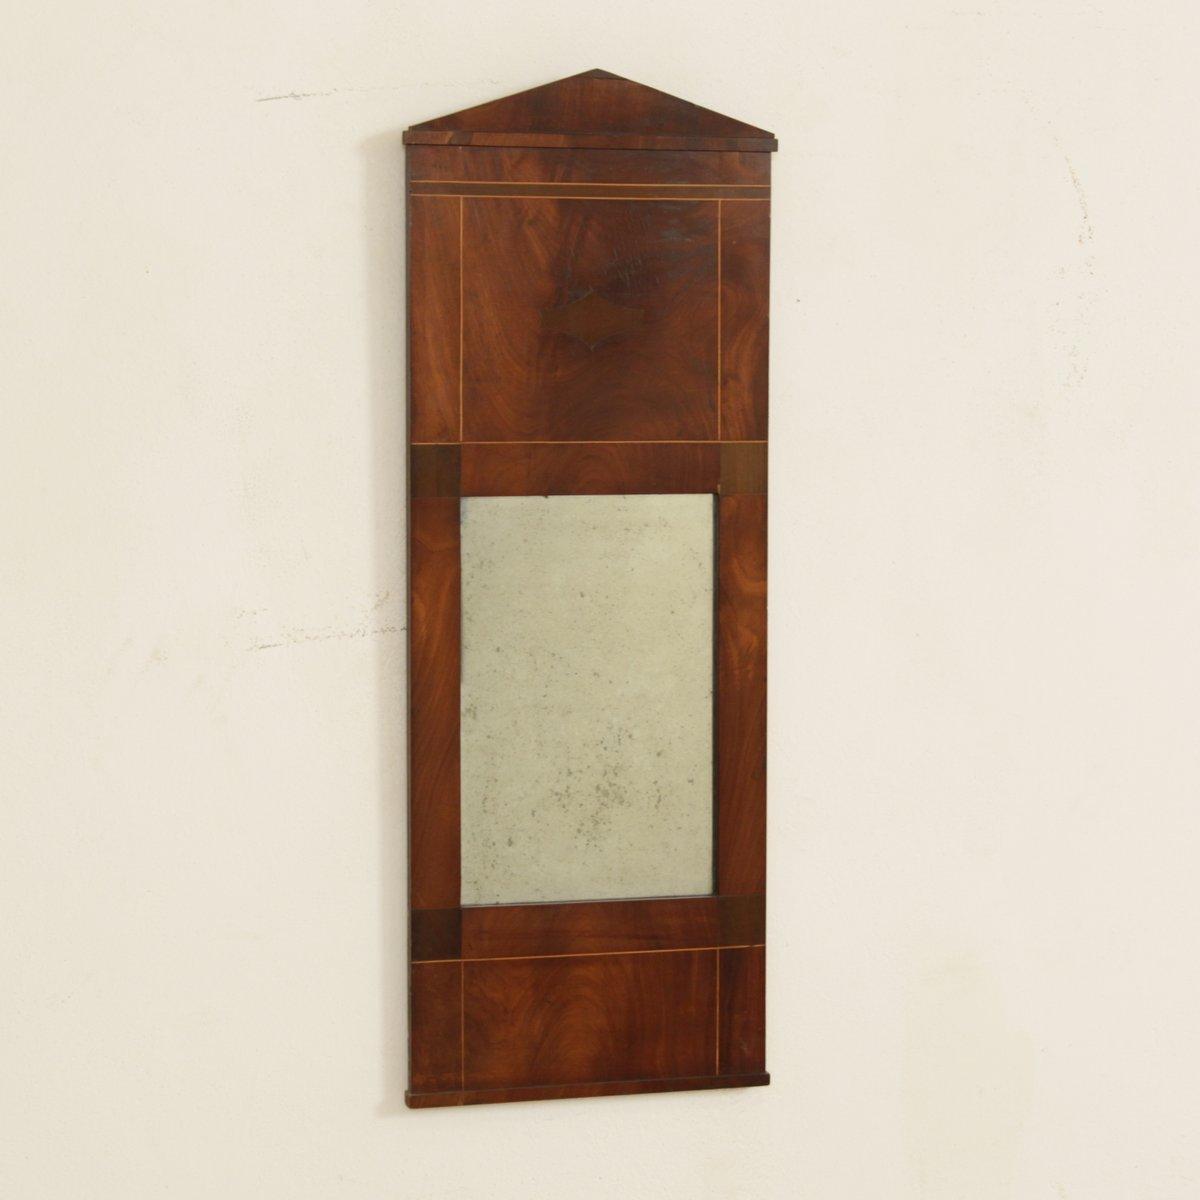 kleiner antiker empire spiegel bei pamono kaufen. Black Bedroom Furniture Sets. Home Design Ideas